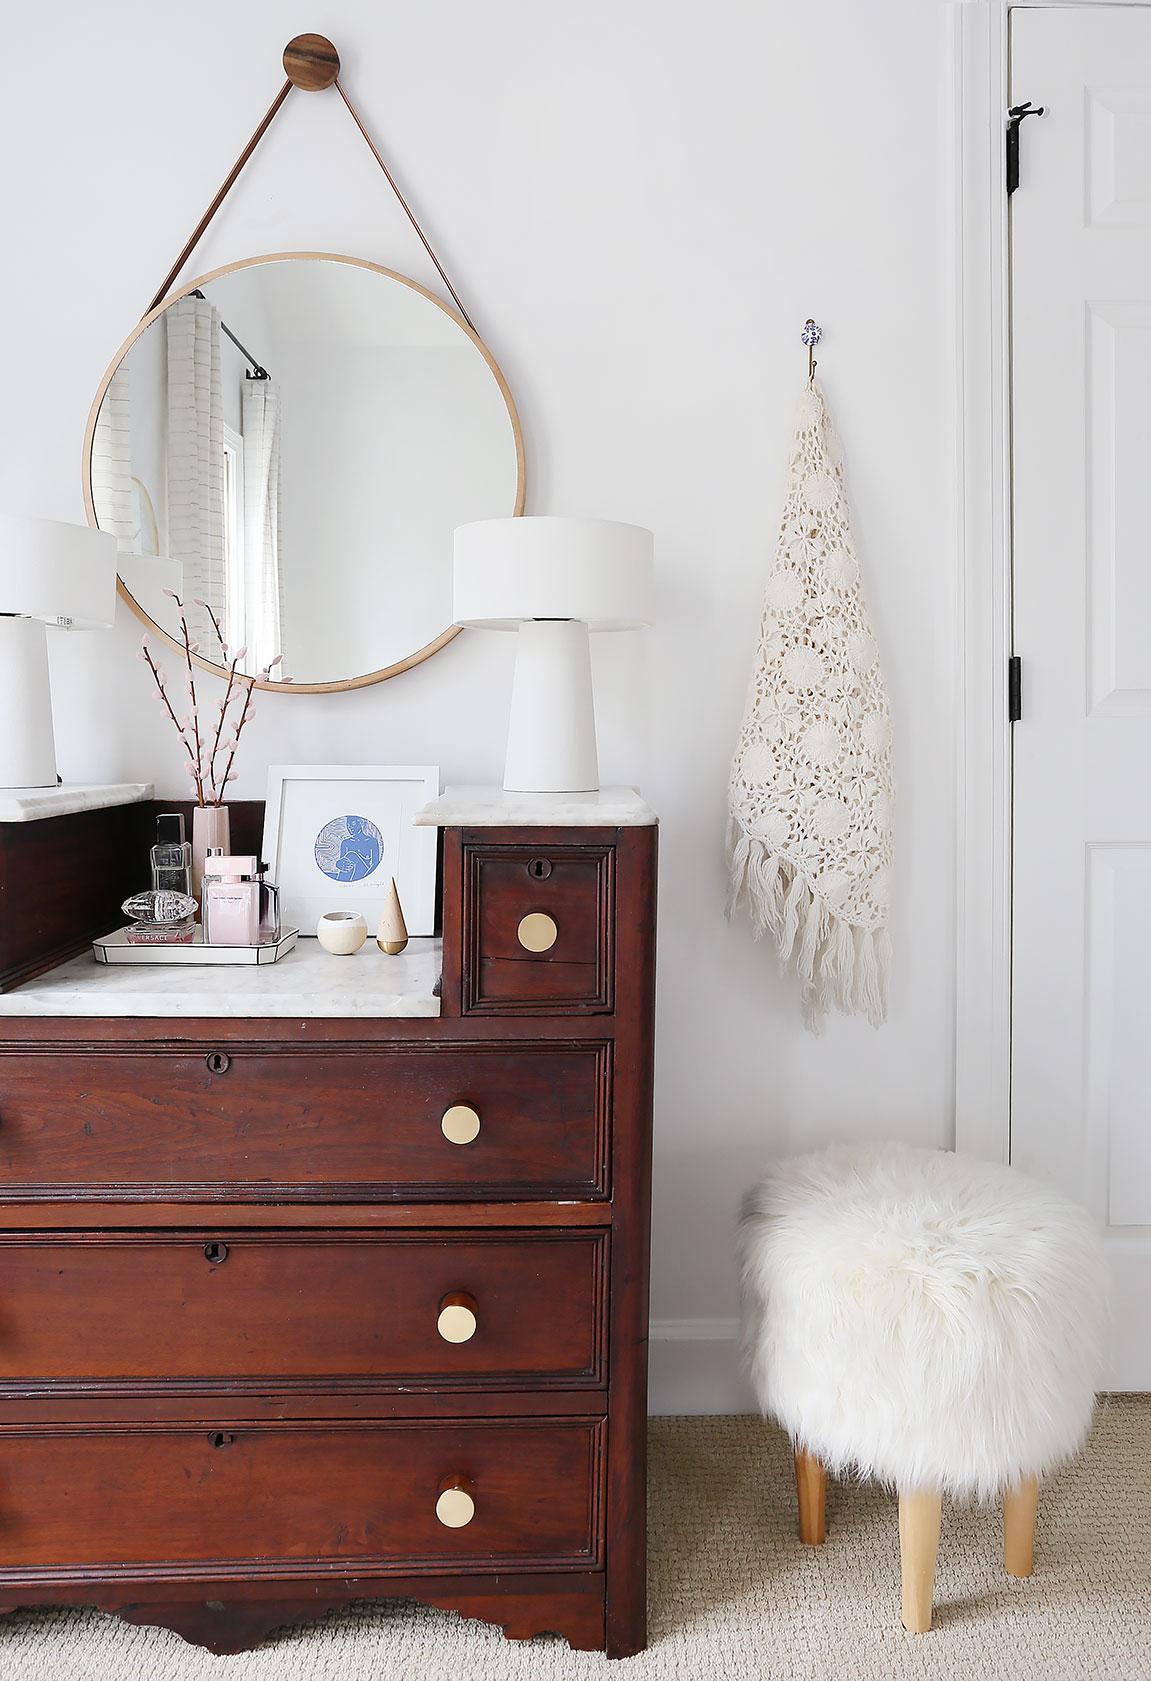 white lamps   /   round mirror   /   pink vase   /   brass pulls